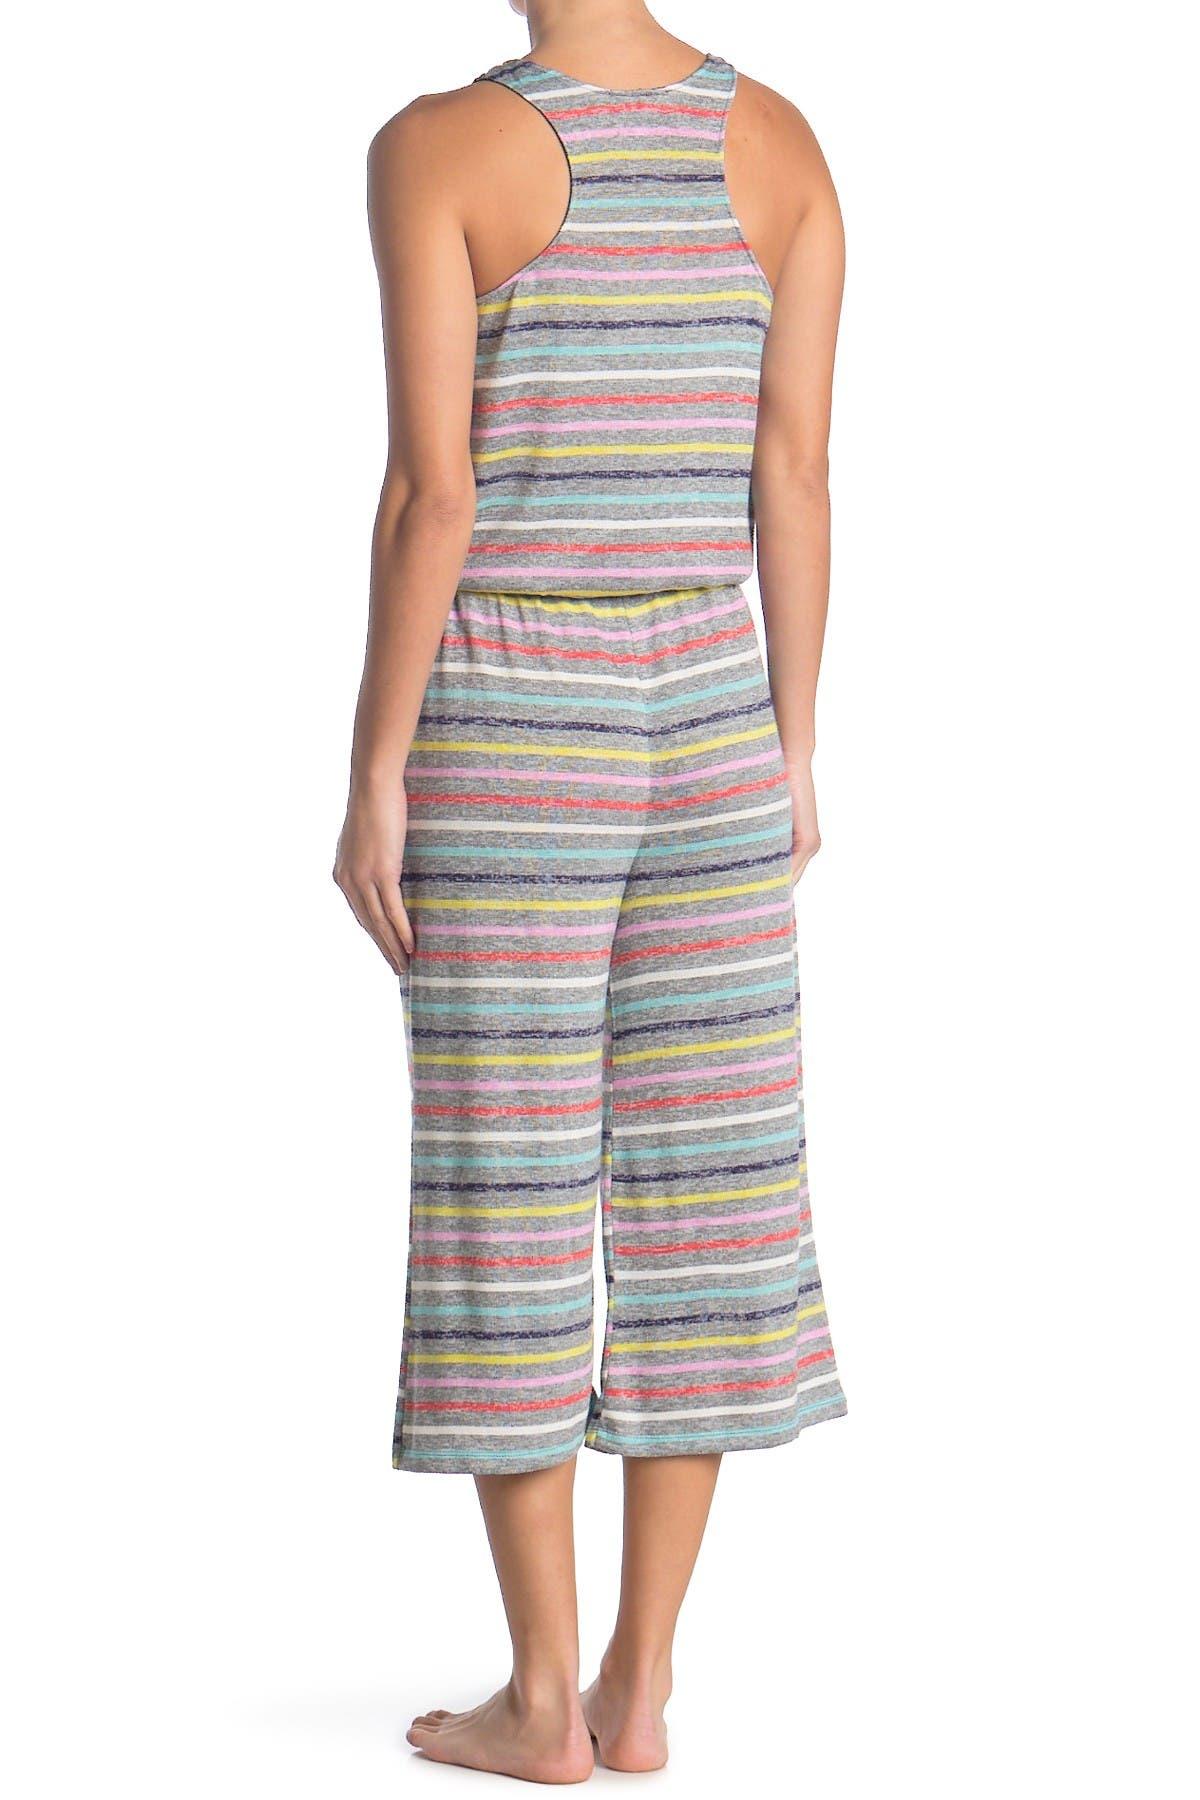 Image of Kensie Striped Sleeveless Wide Leg Pajama Romper